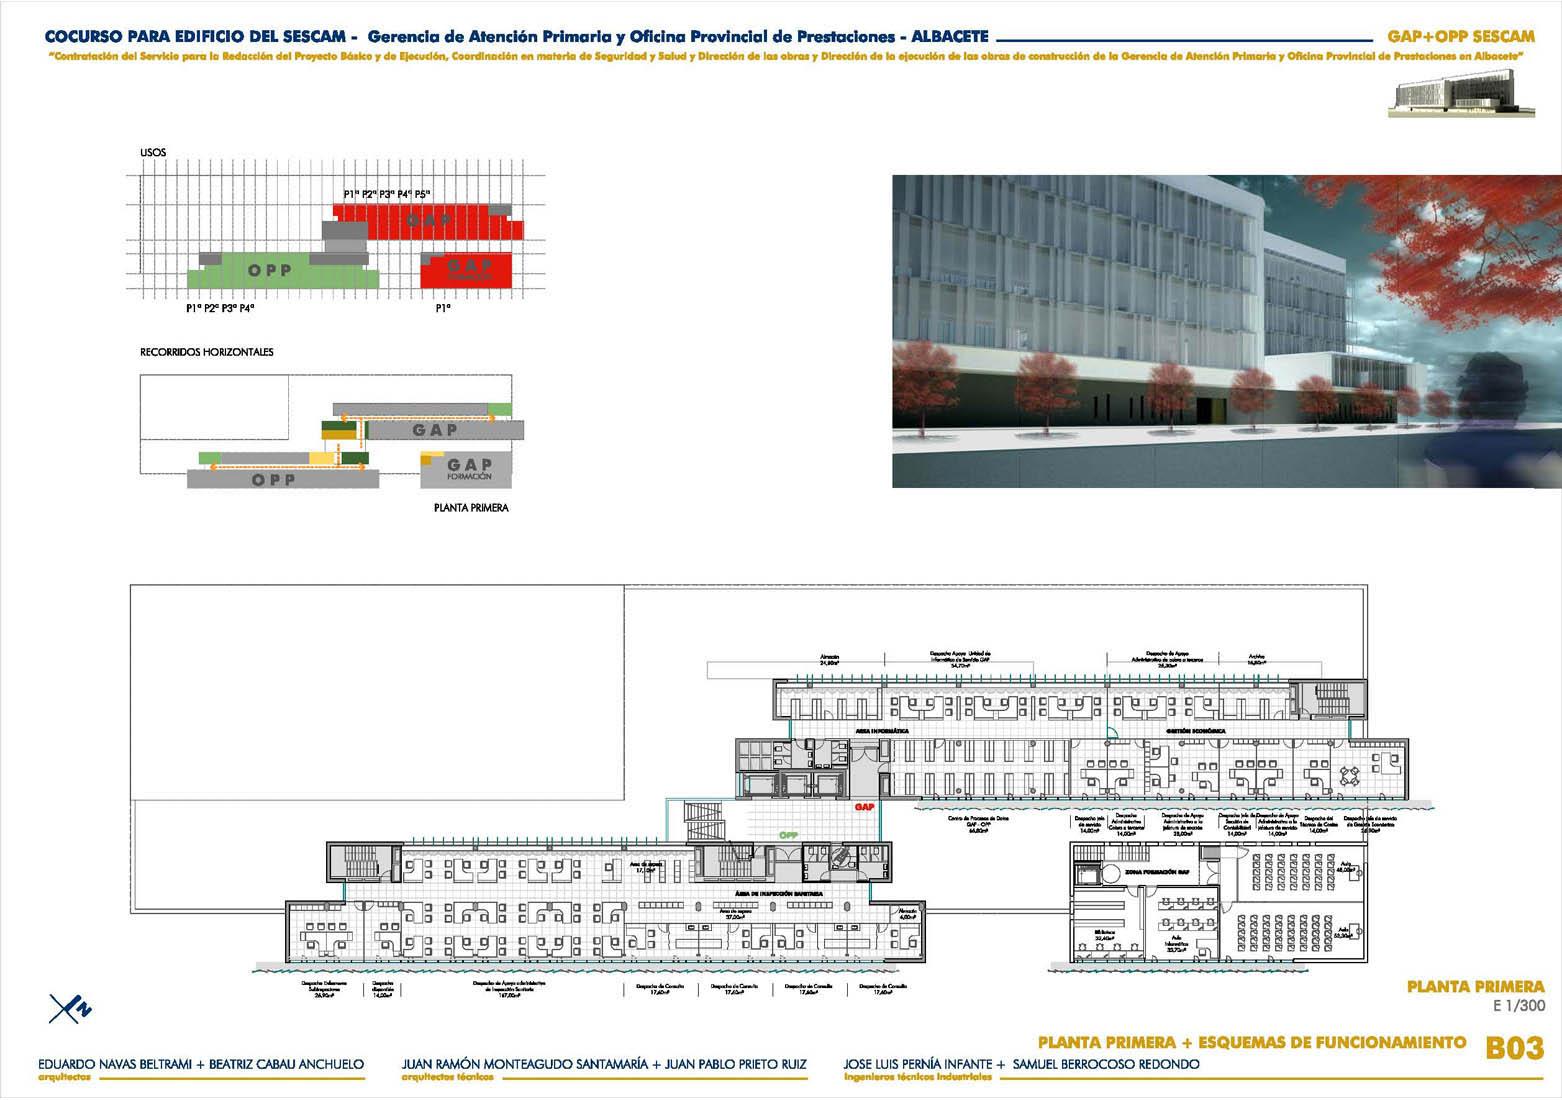 Beltrami cabau arquitectos sescam gerencia de atenci n for Oficina de prestaciones